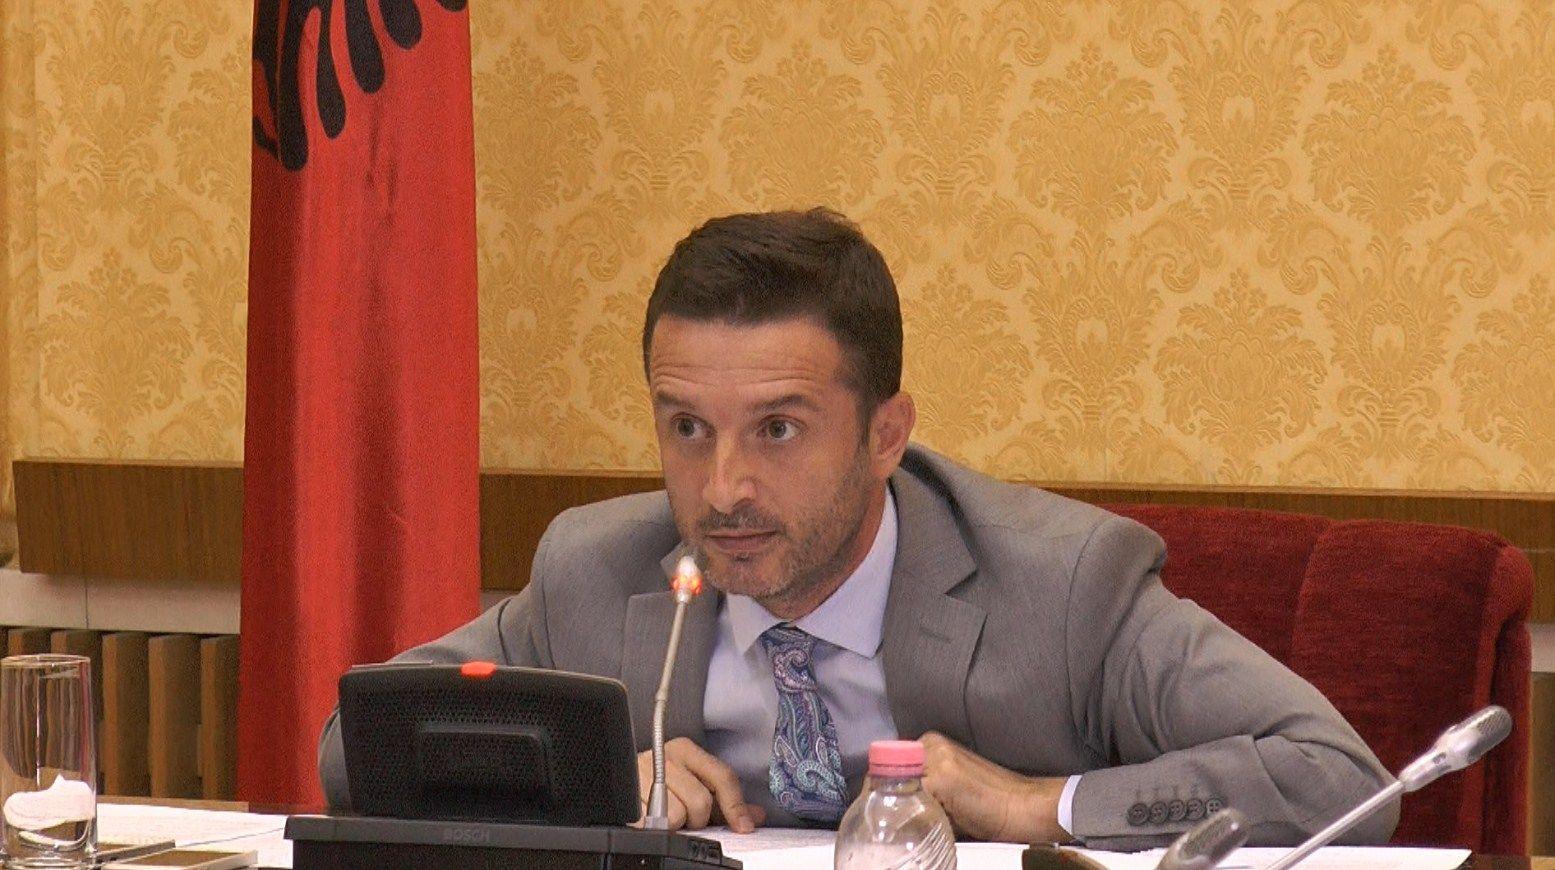 Kreu i Komisionit të Ekonomisë, Erjon Braçe